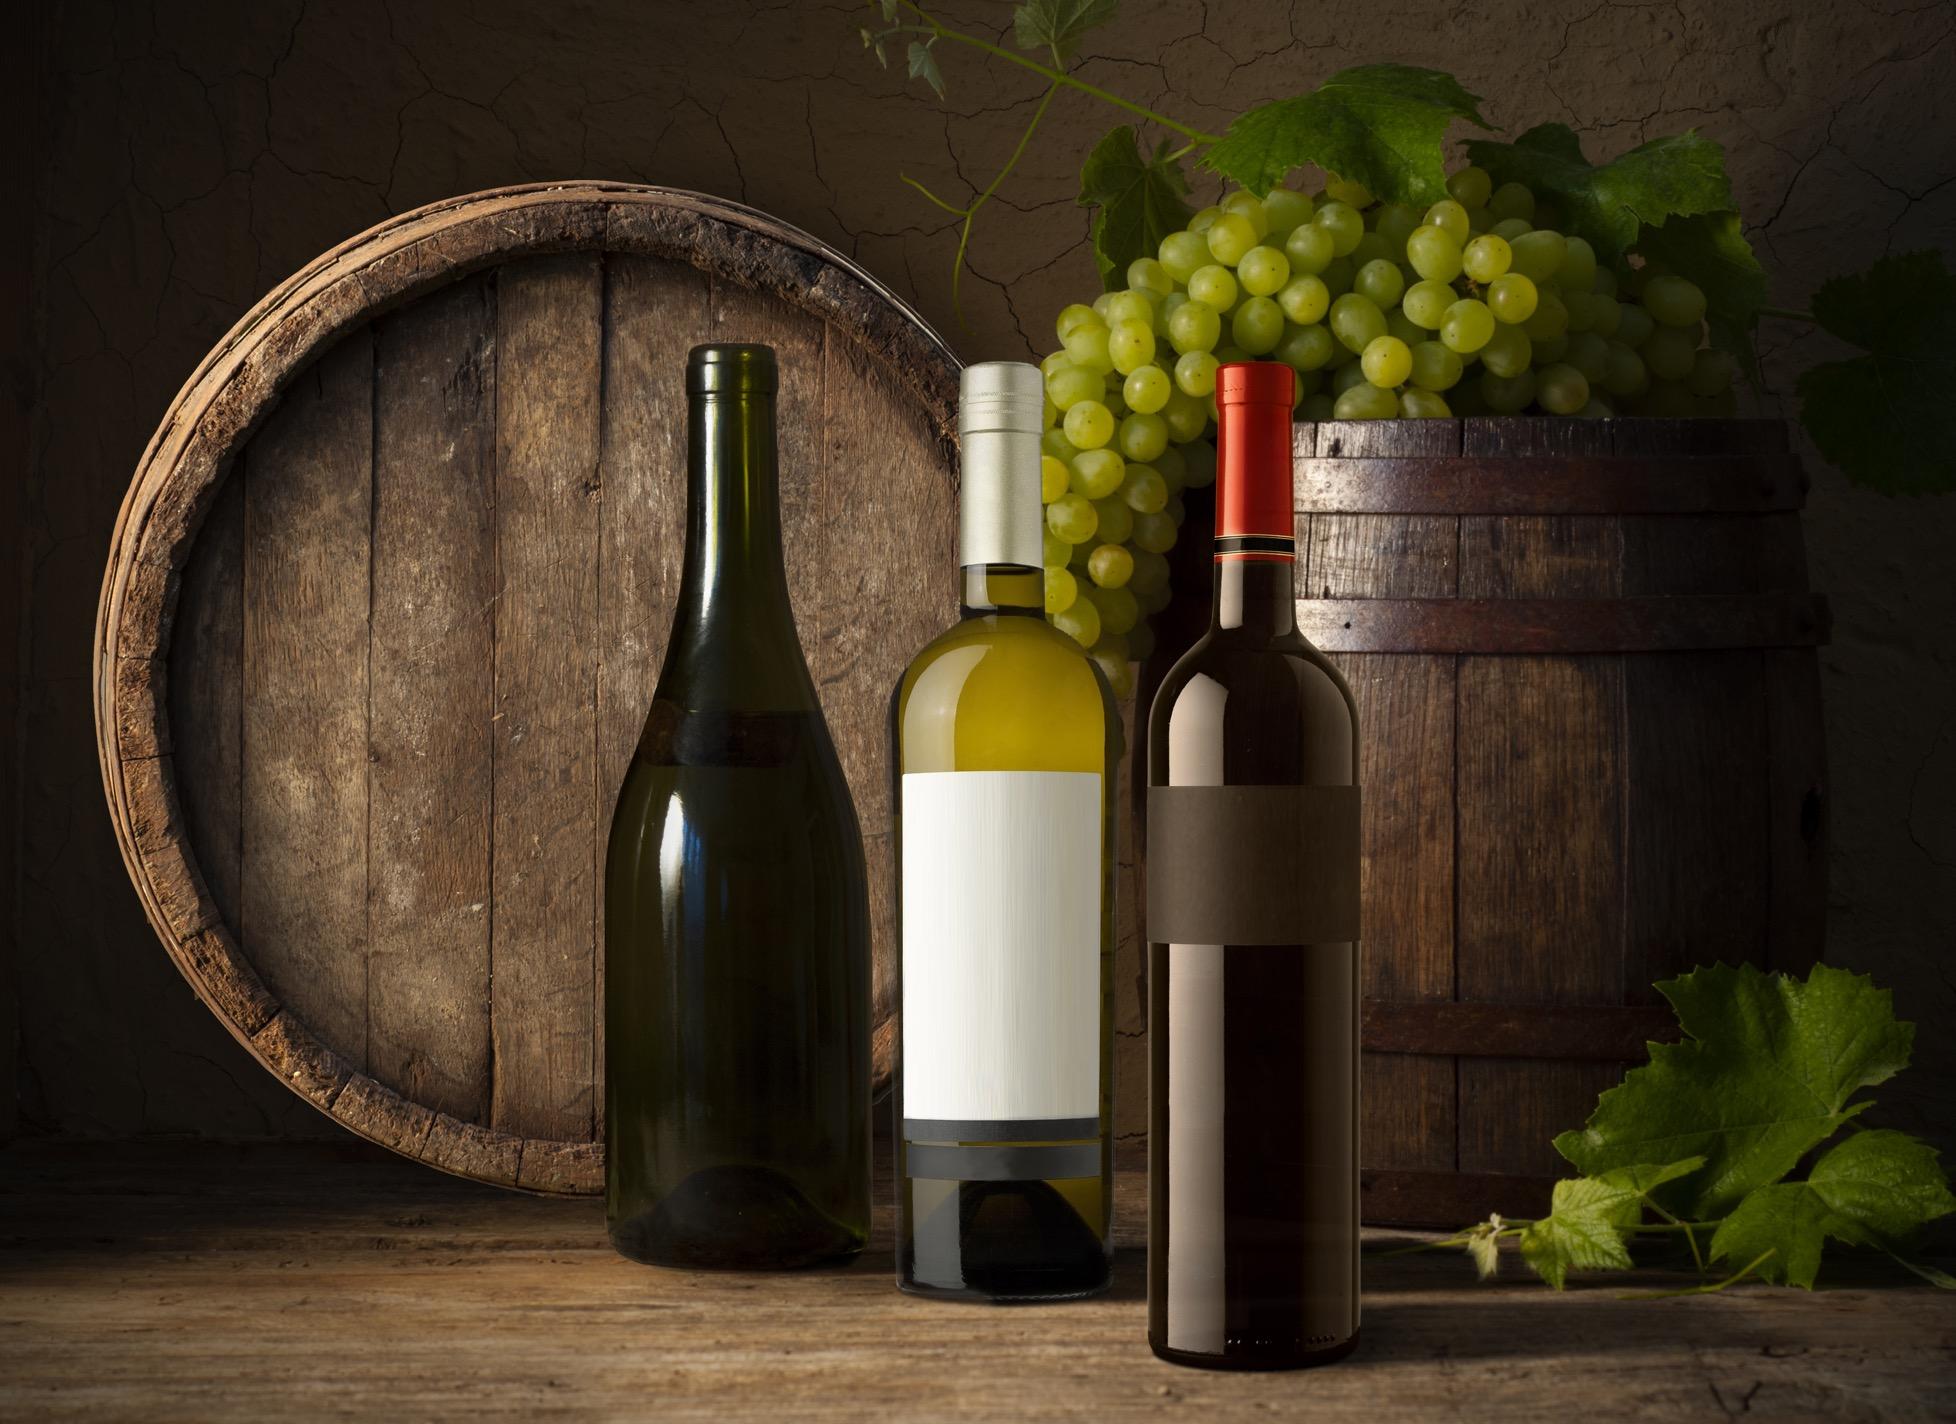 いまさらだけど知っておきたい!白ワインと赤ワインの違い